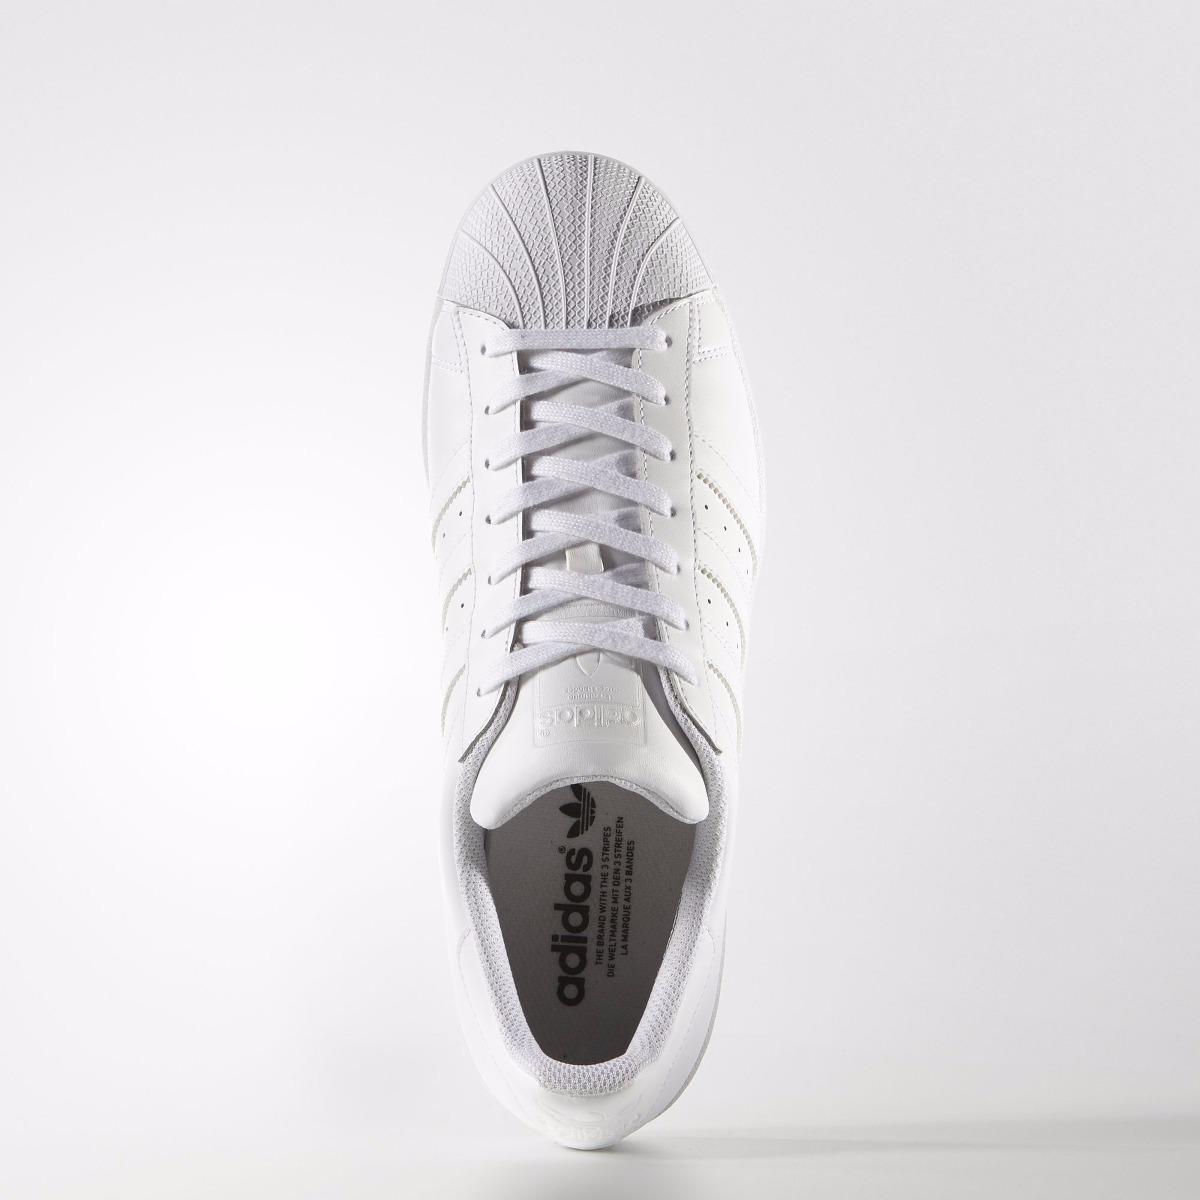 enemigo Sastre aeronave  donde venden zapatillas adidas - Tienda Online de Zapatos, Ropa y  Complementos de marca